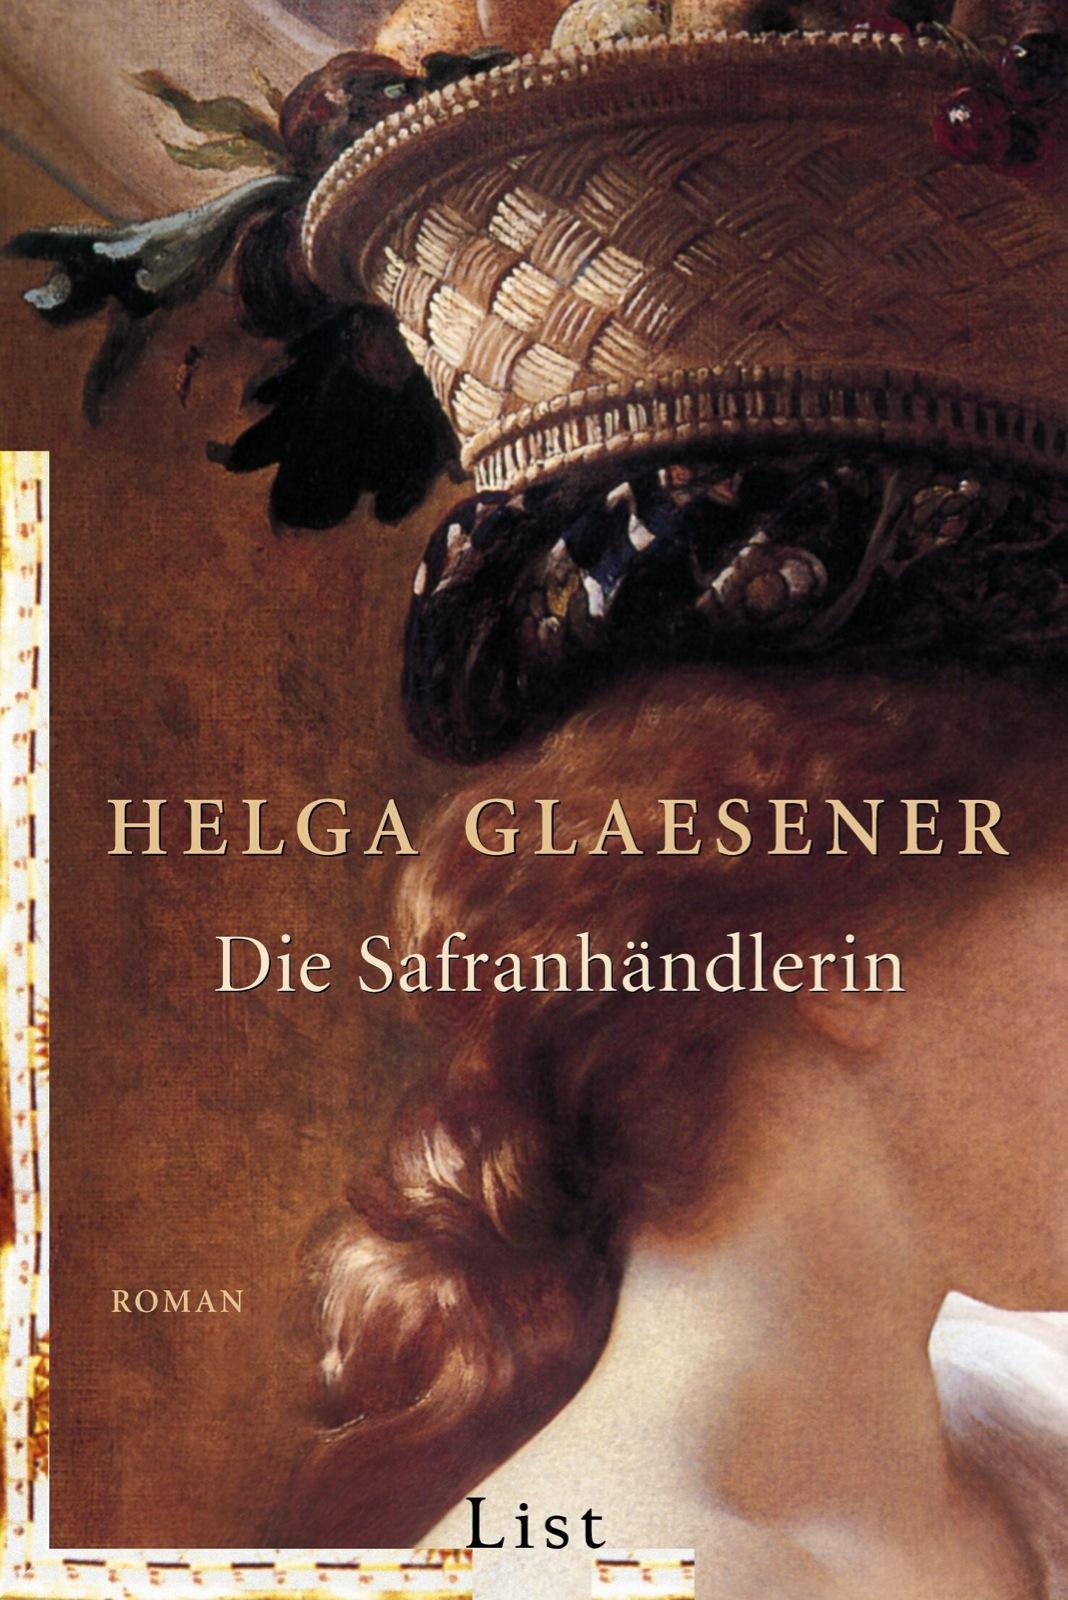 Die Safranhändlerin - Helga Glaesener